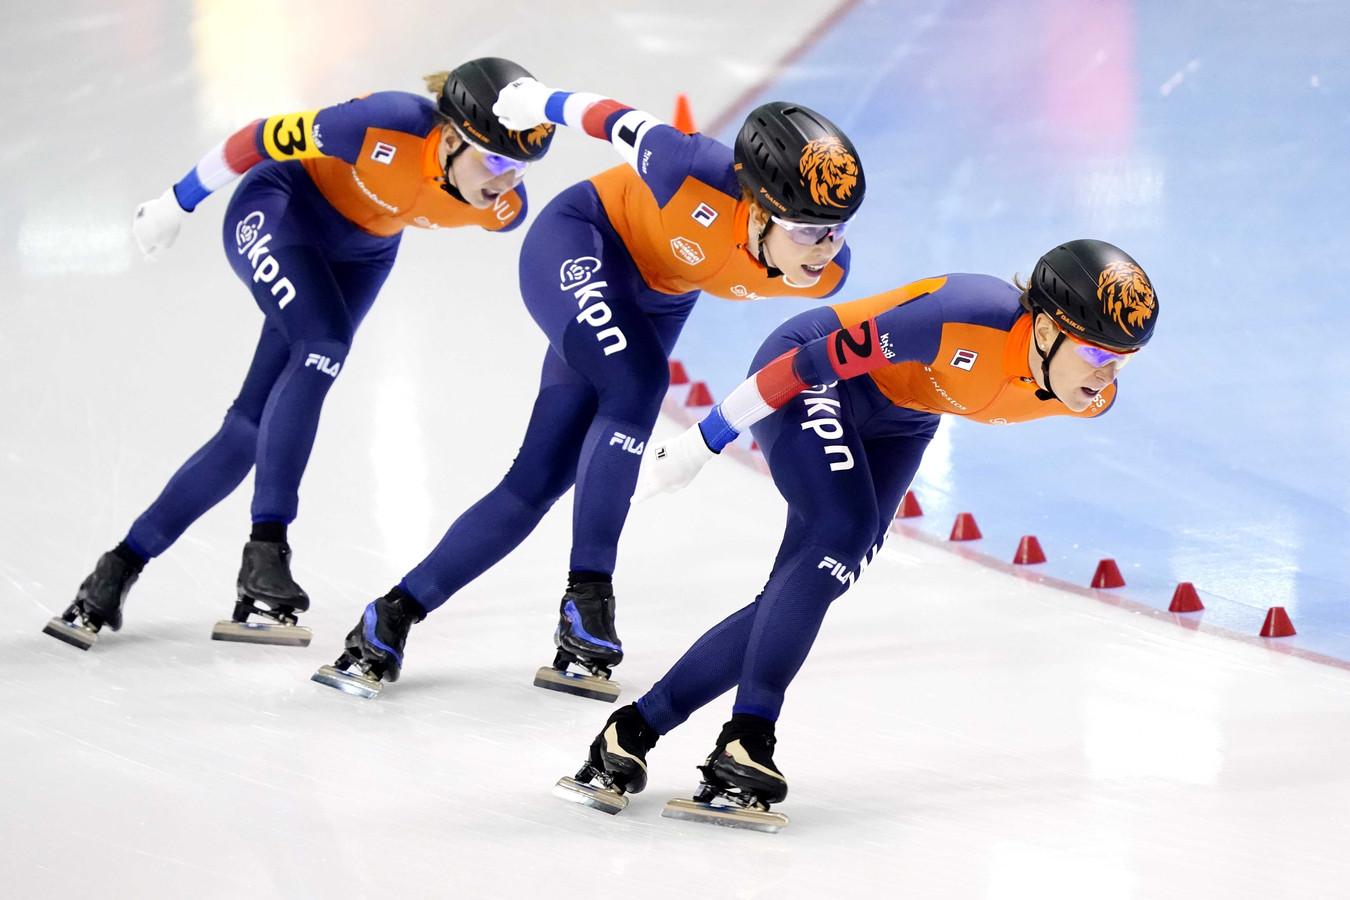 Ireen Wüst, Melissa Wijfje en Letitia de Jong tijdens de rit op de ploegenachtervolging op de WK afstanden.